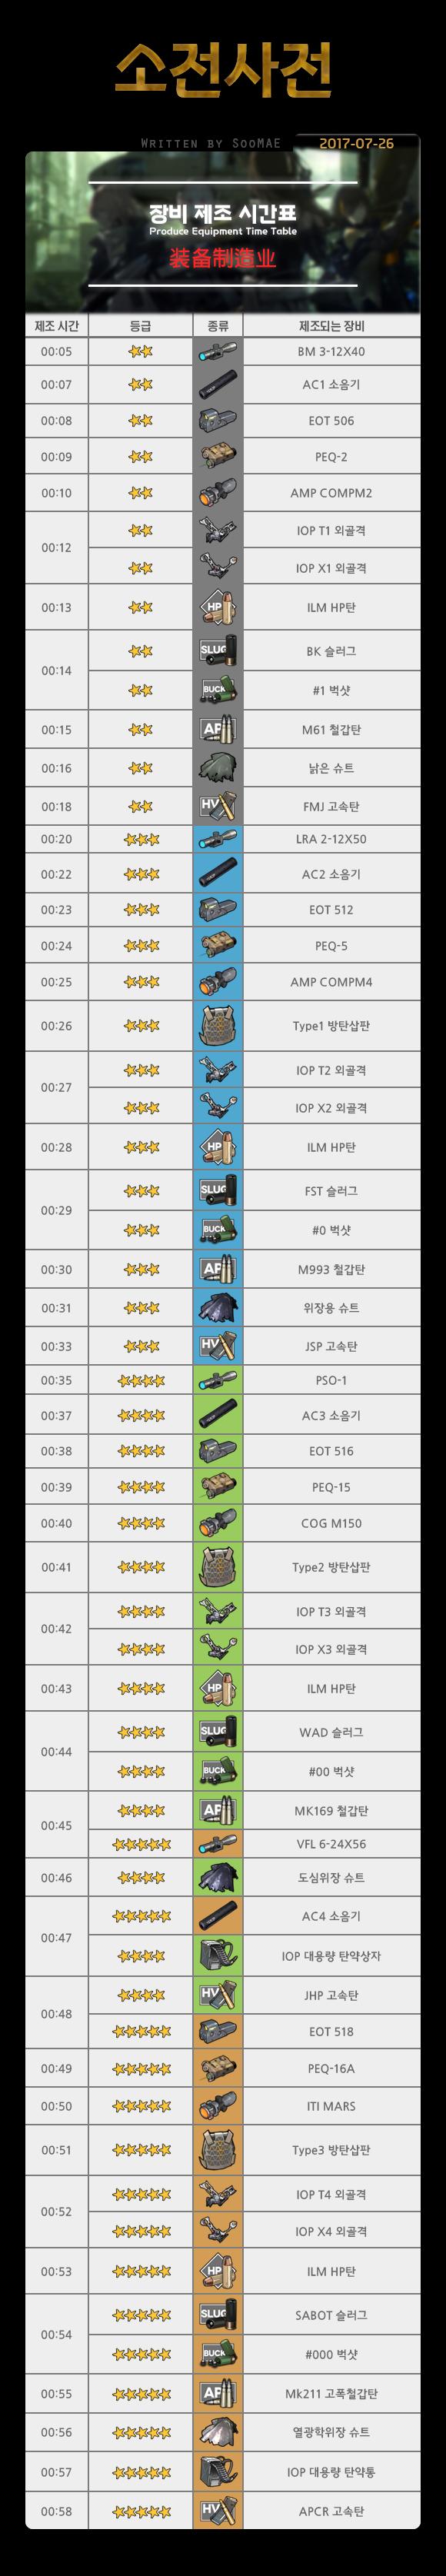 [소전사전] 장비 제조 시간표 - Alpha.png